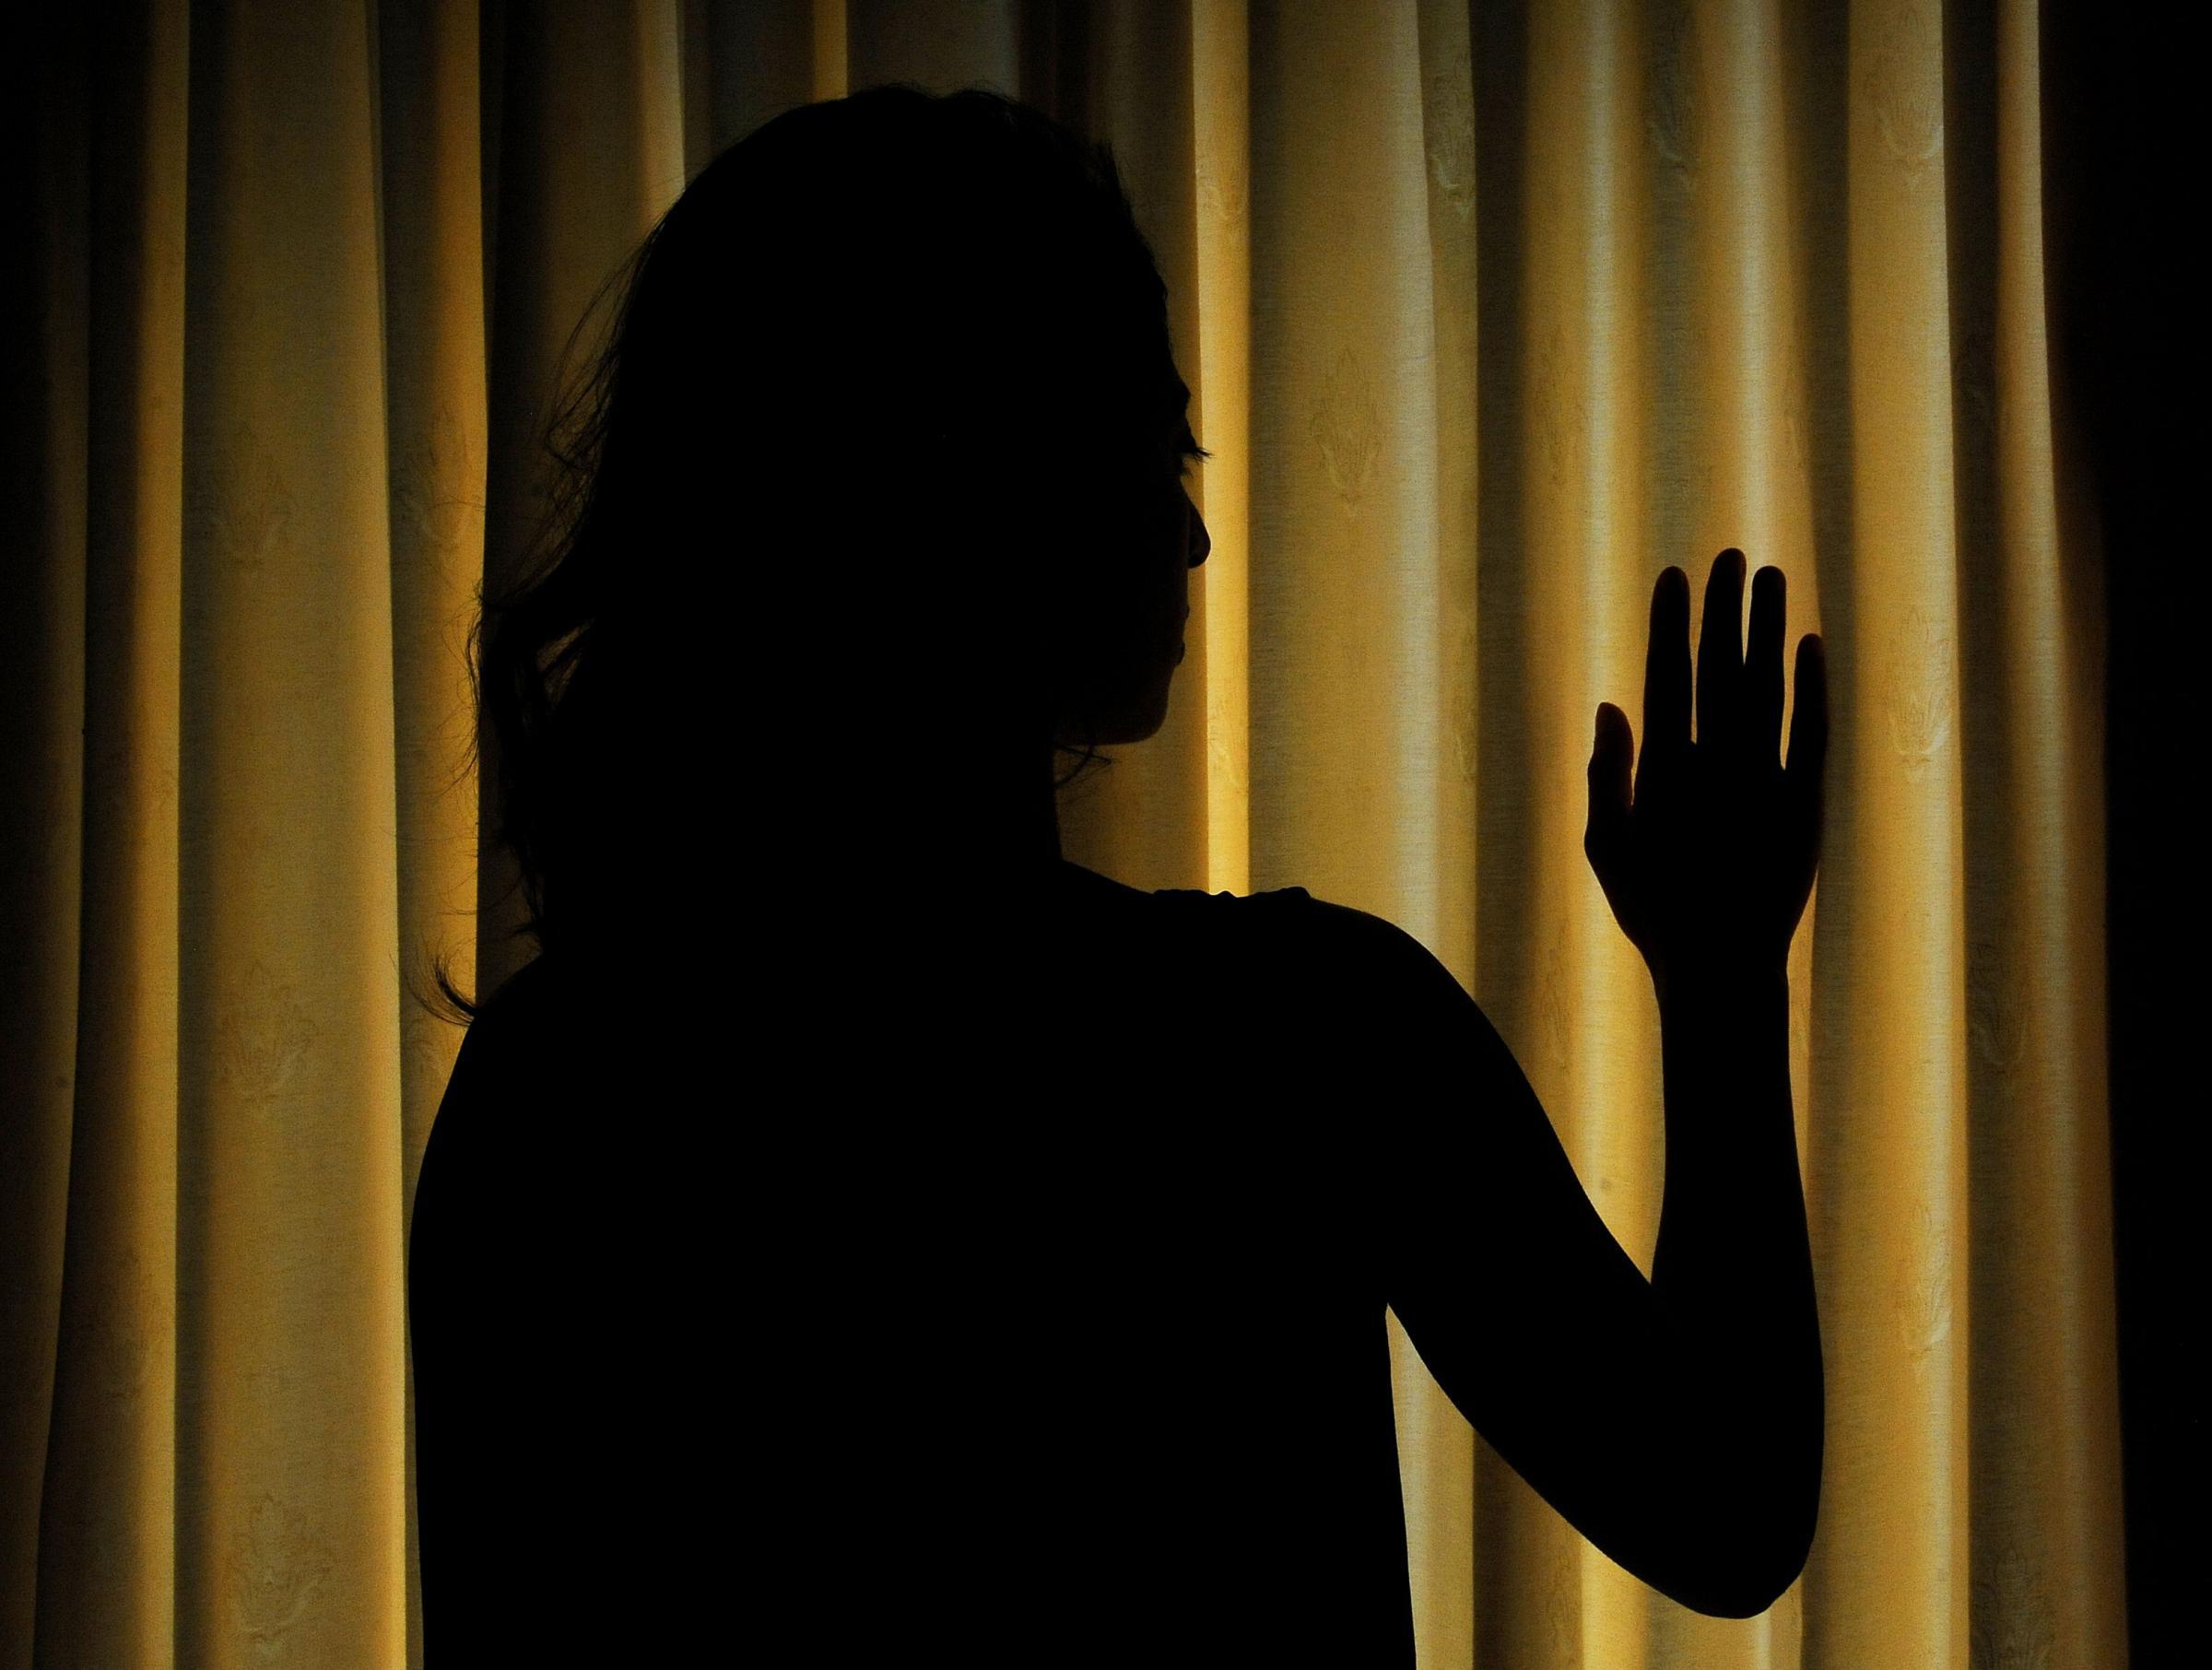 Stupra la figlia perché lesbica: padre condannato a 21 anni